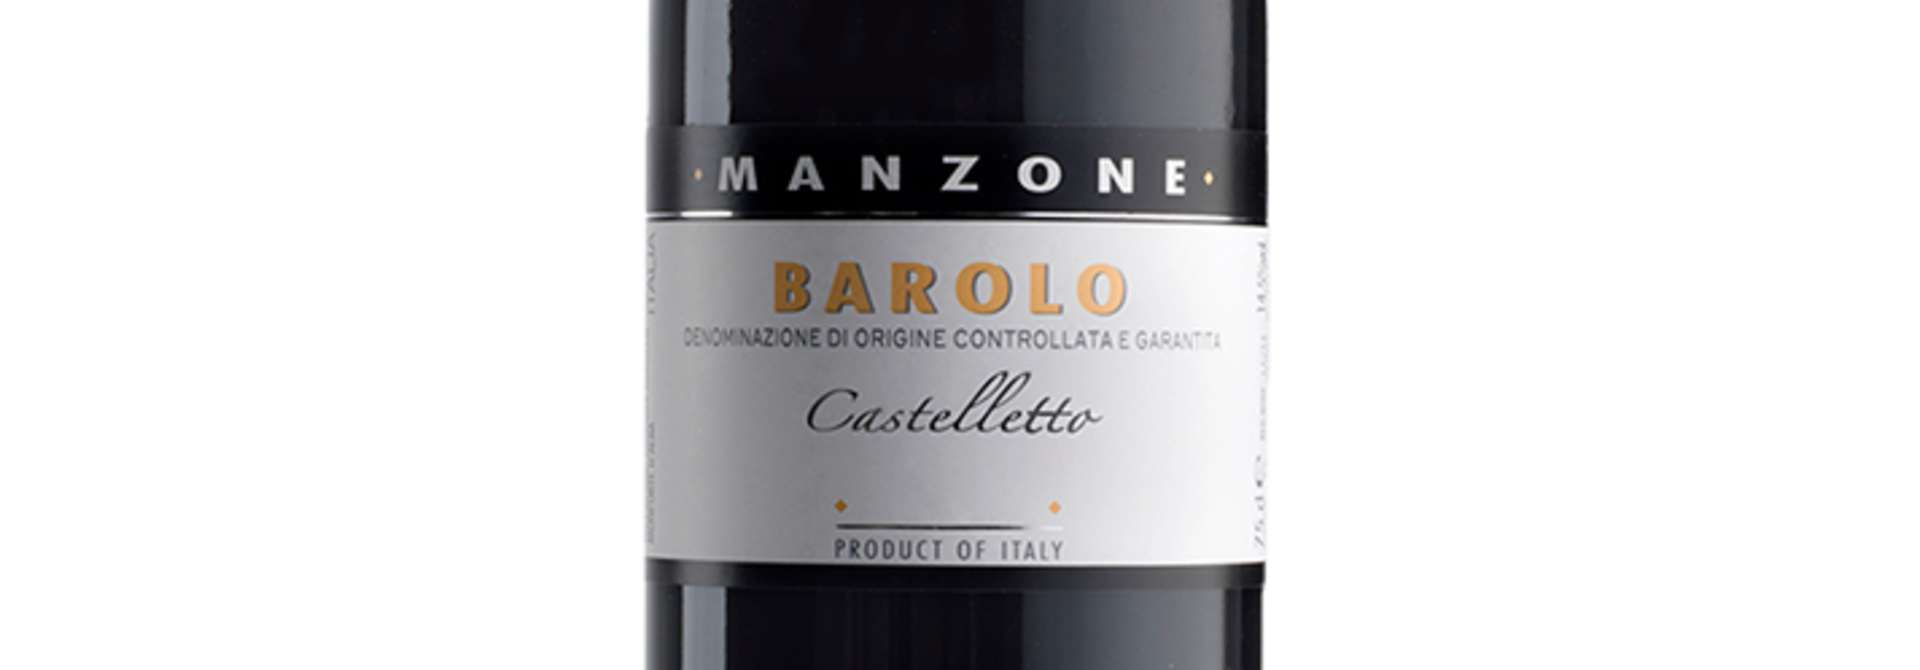 Barolo Castelletto 2010, Giavanni Manzone